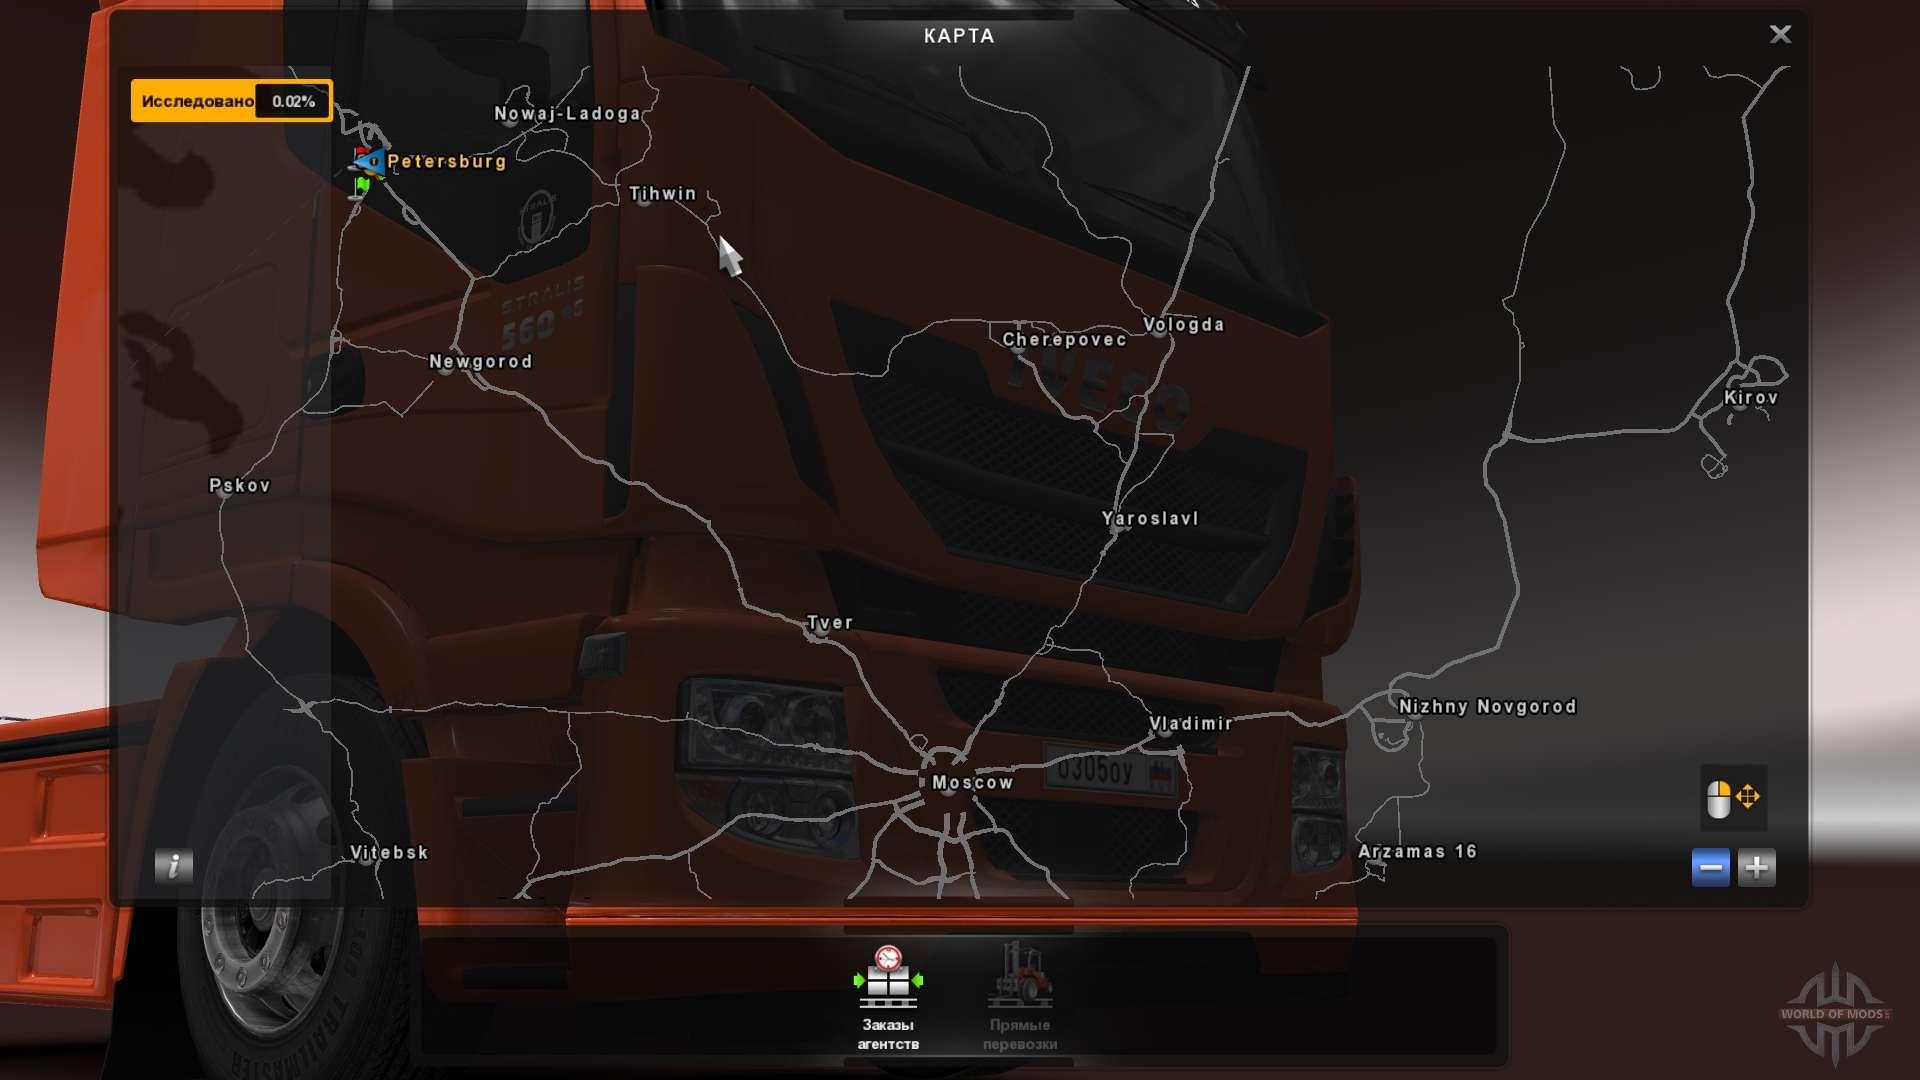 Скачать карта «mega map» версия 2. 0 для euro truck simulator 2 (v1.